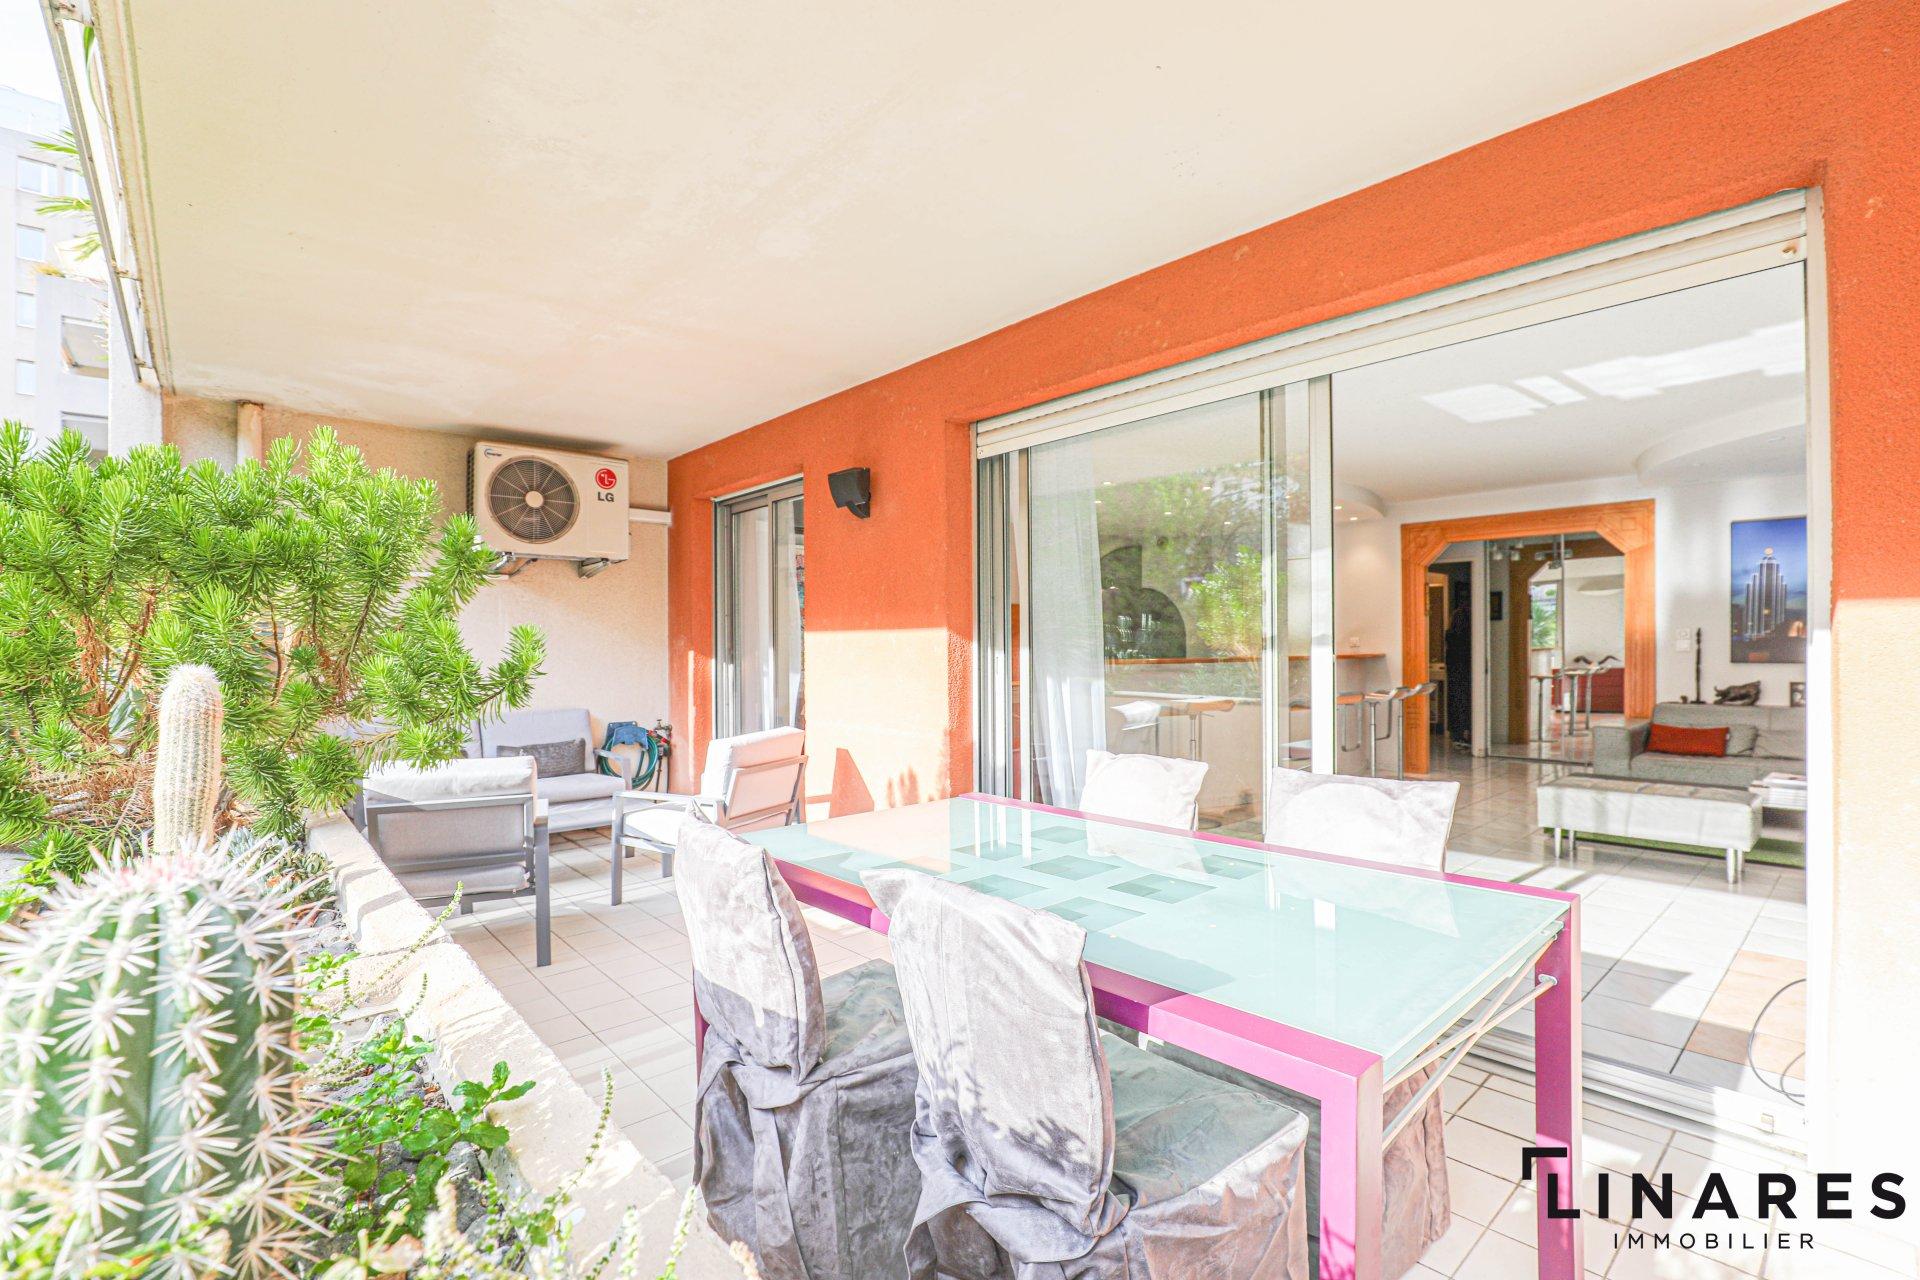 L'ORIGINAL - Duplex T6 de 205 m2 - Terrasses